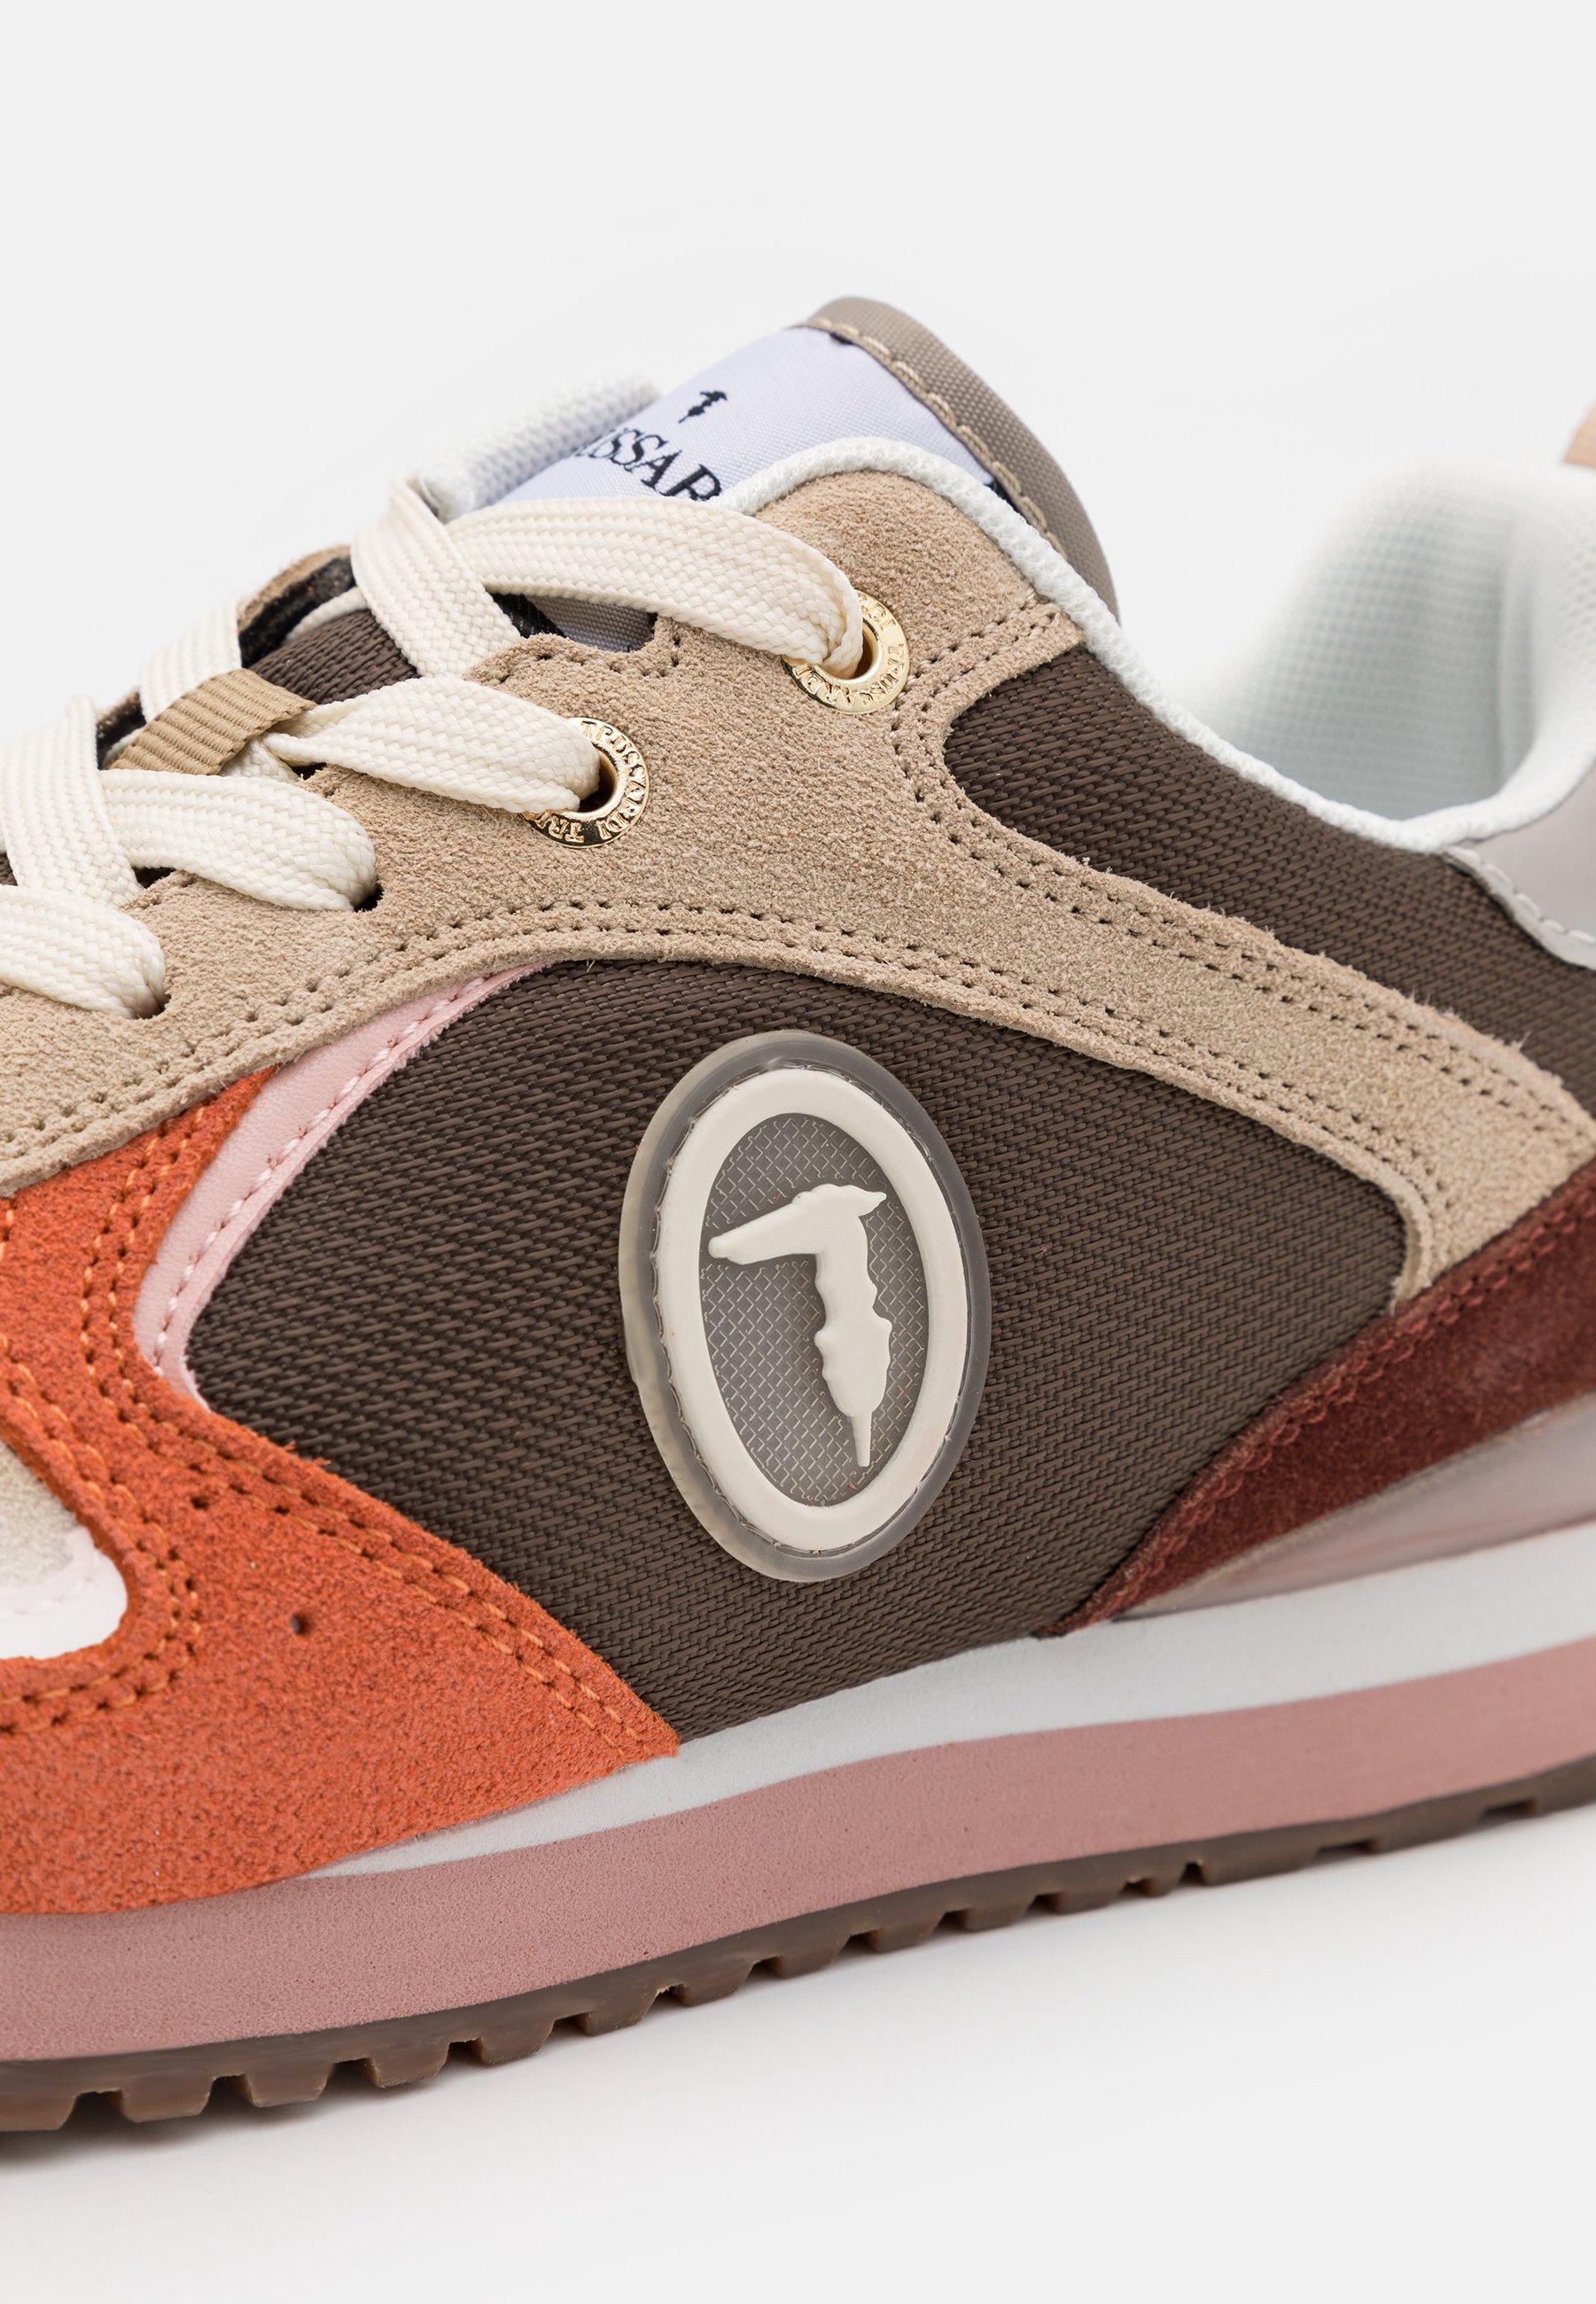 Gorąca wyprzedaż Zniżka Trussardi KIWI  - Sneakersy niskie - rope/pink | Obuwie damskie 2020 fobyn